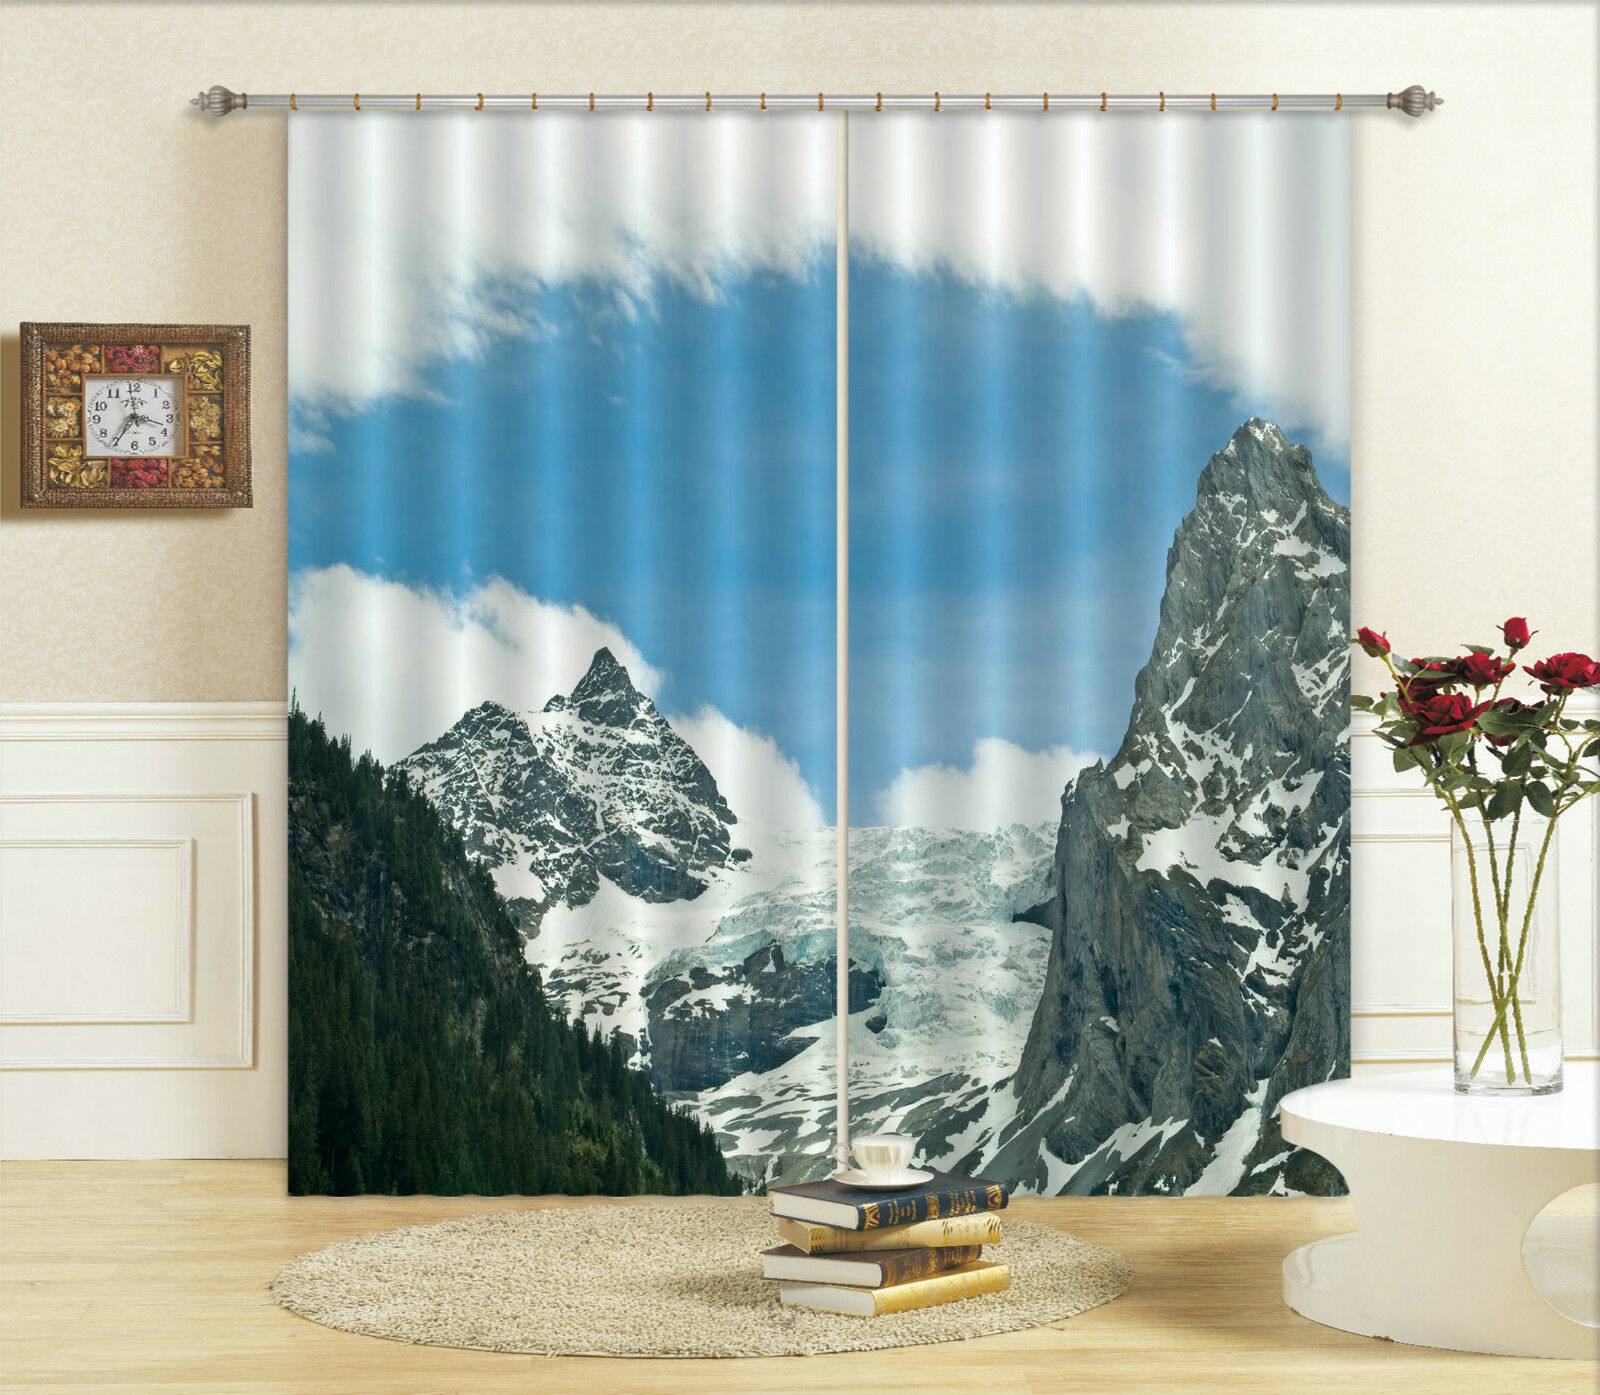 3d sedeben montaña 112 bloqueo foto cortina cortina de impresión sustancia cortinas de ventana